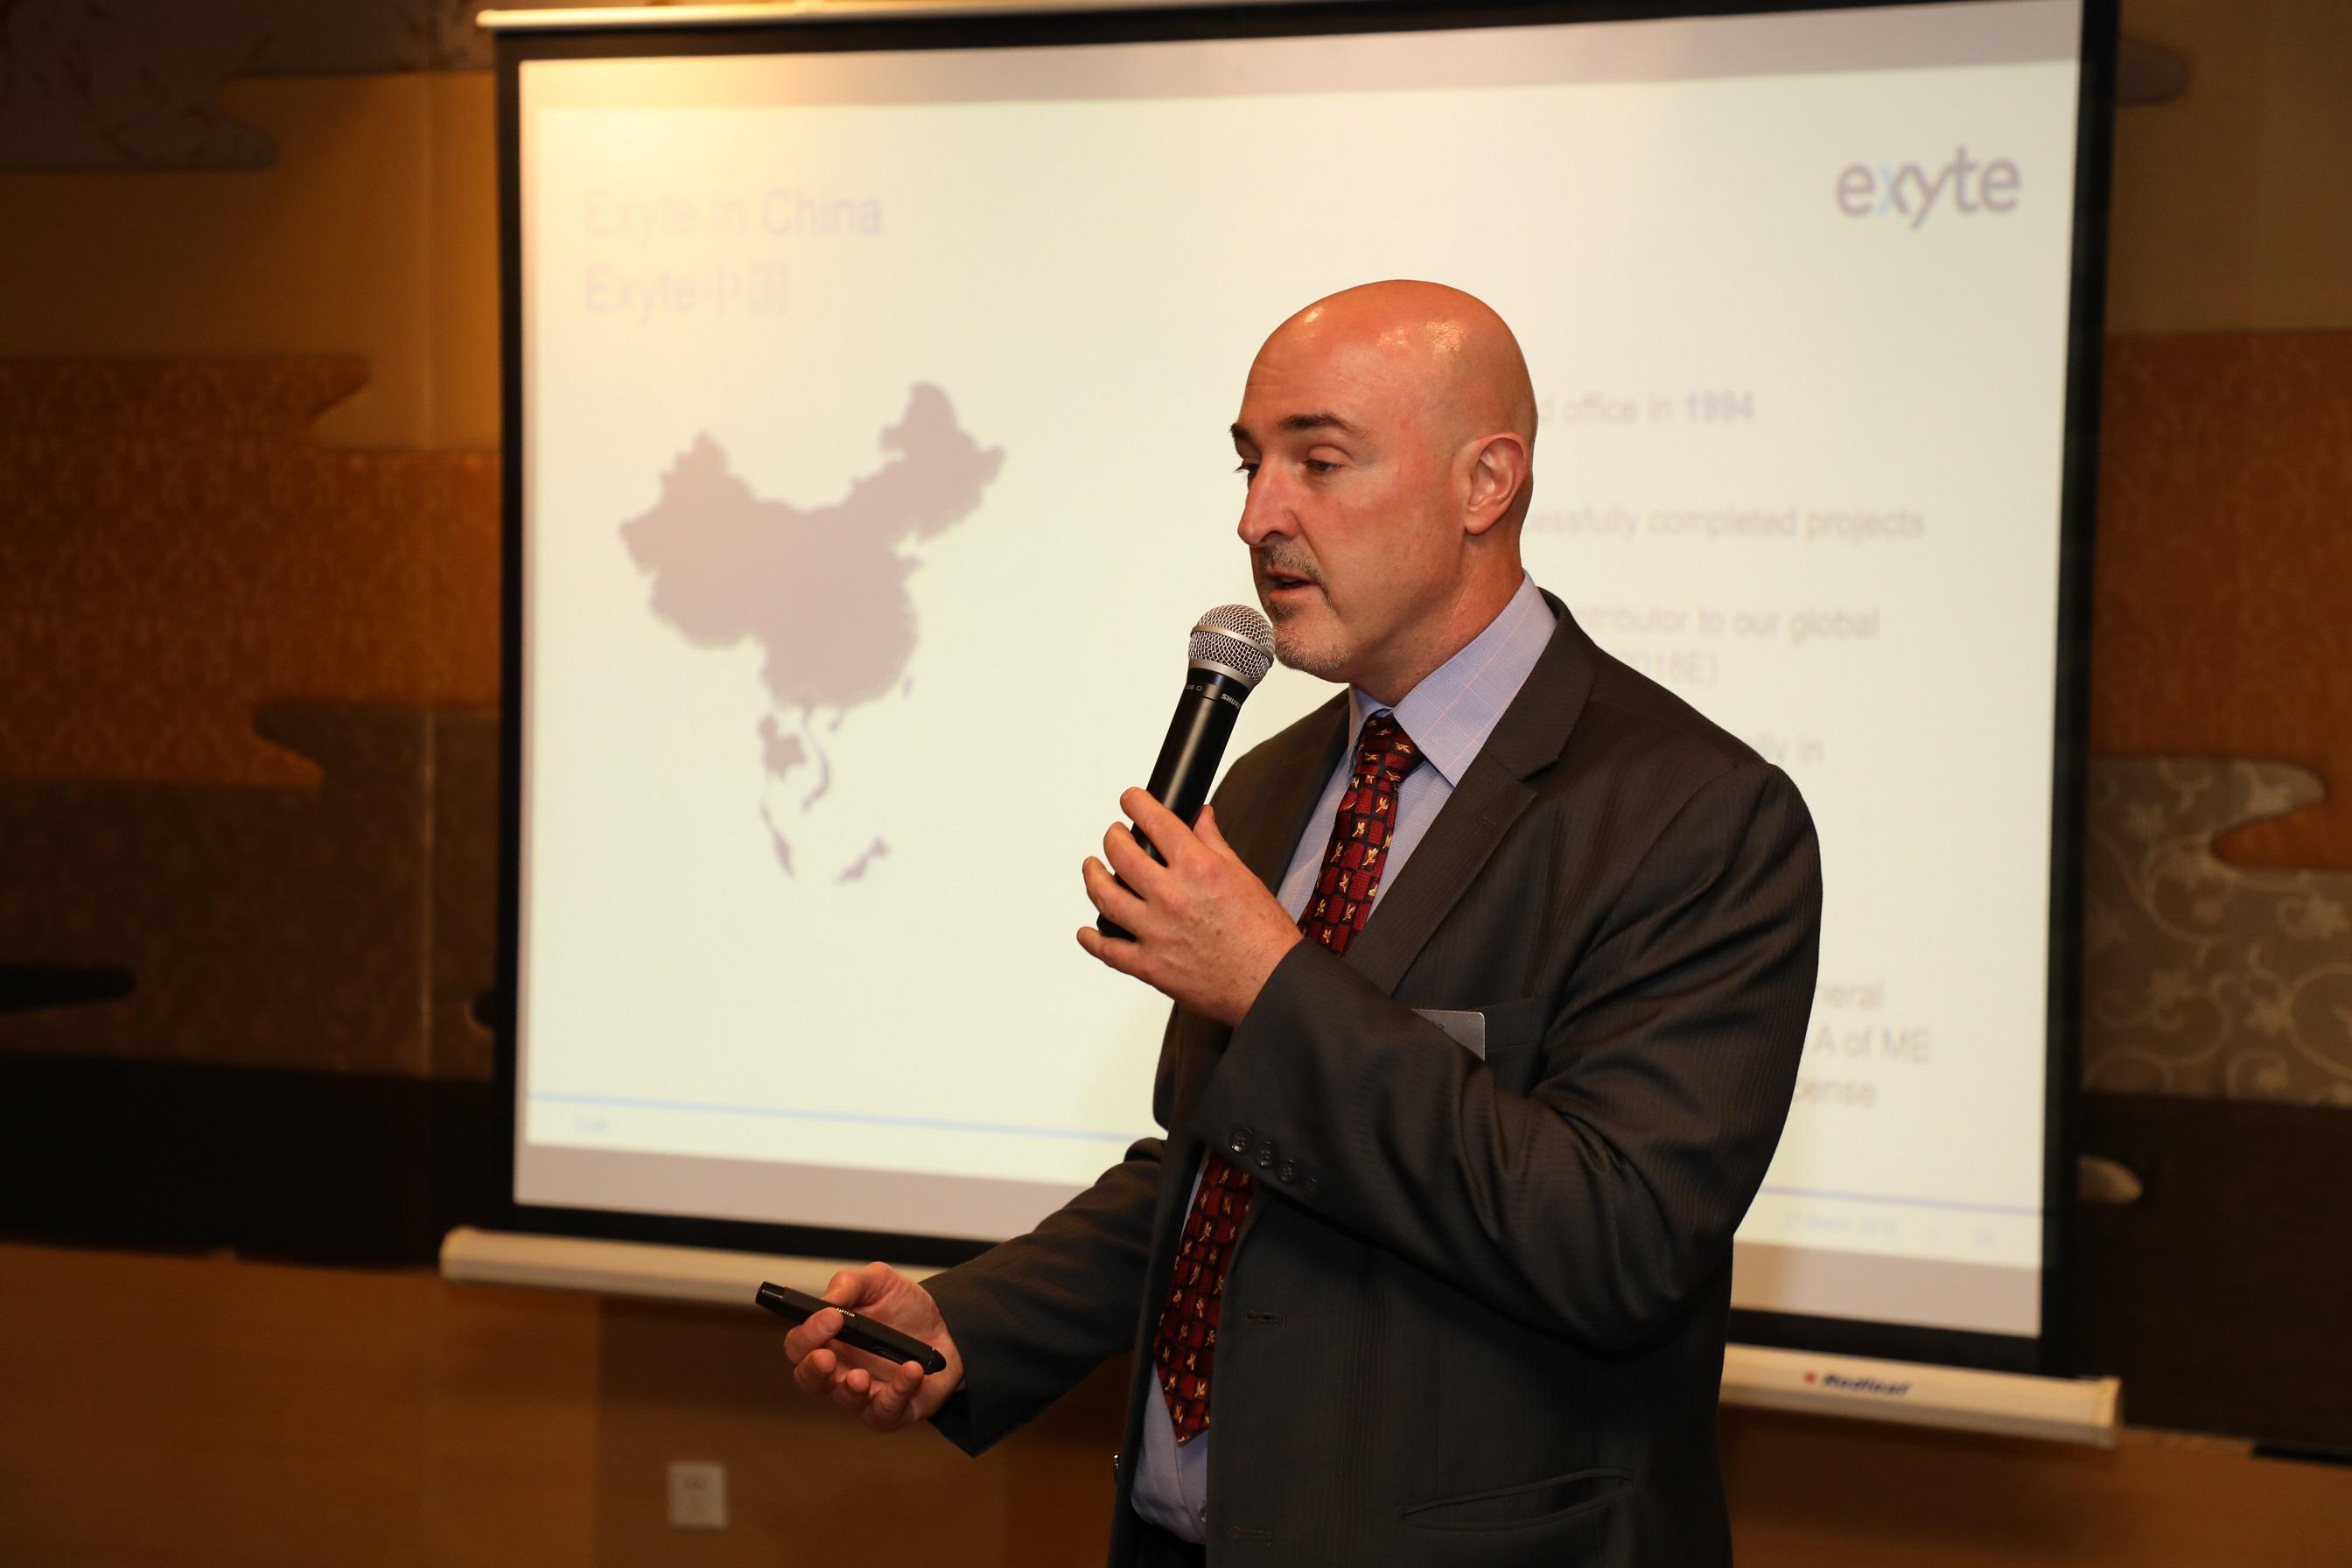 活动配图_罗润(Frank Lorenzetto), Exyte中国董事总经理.JPG